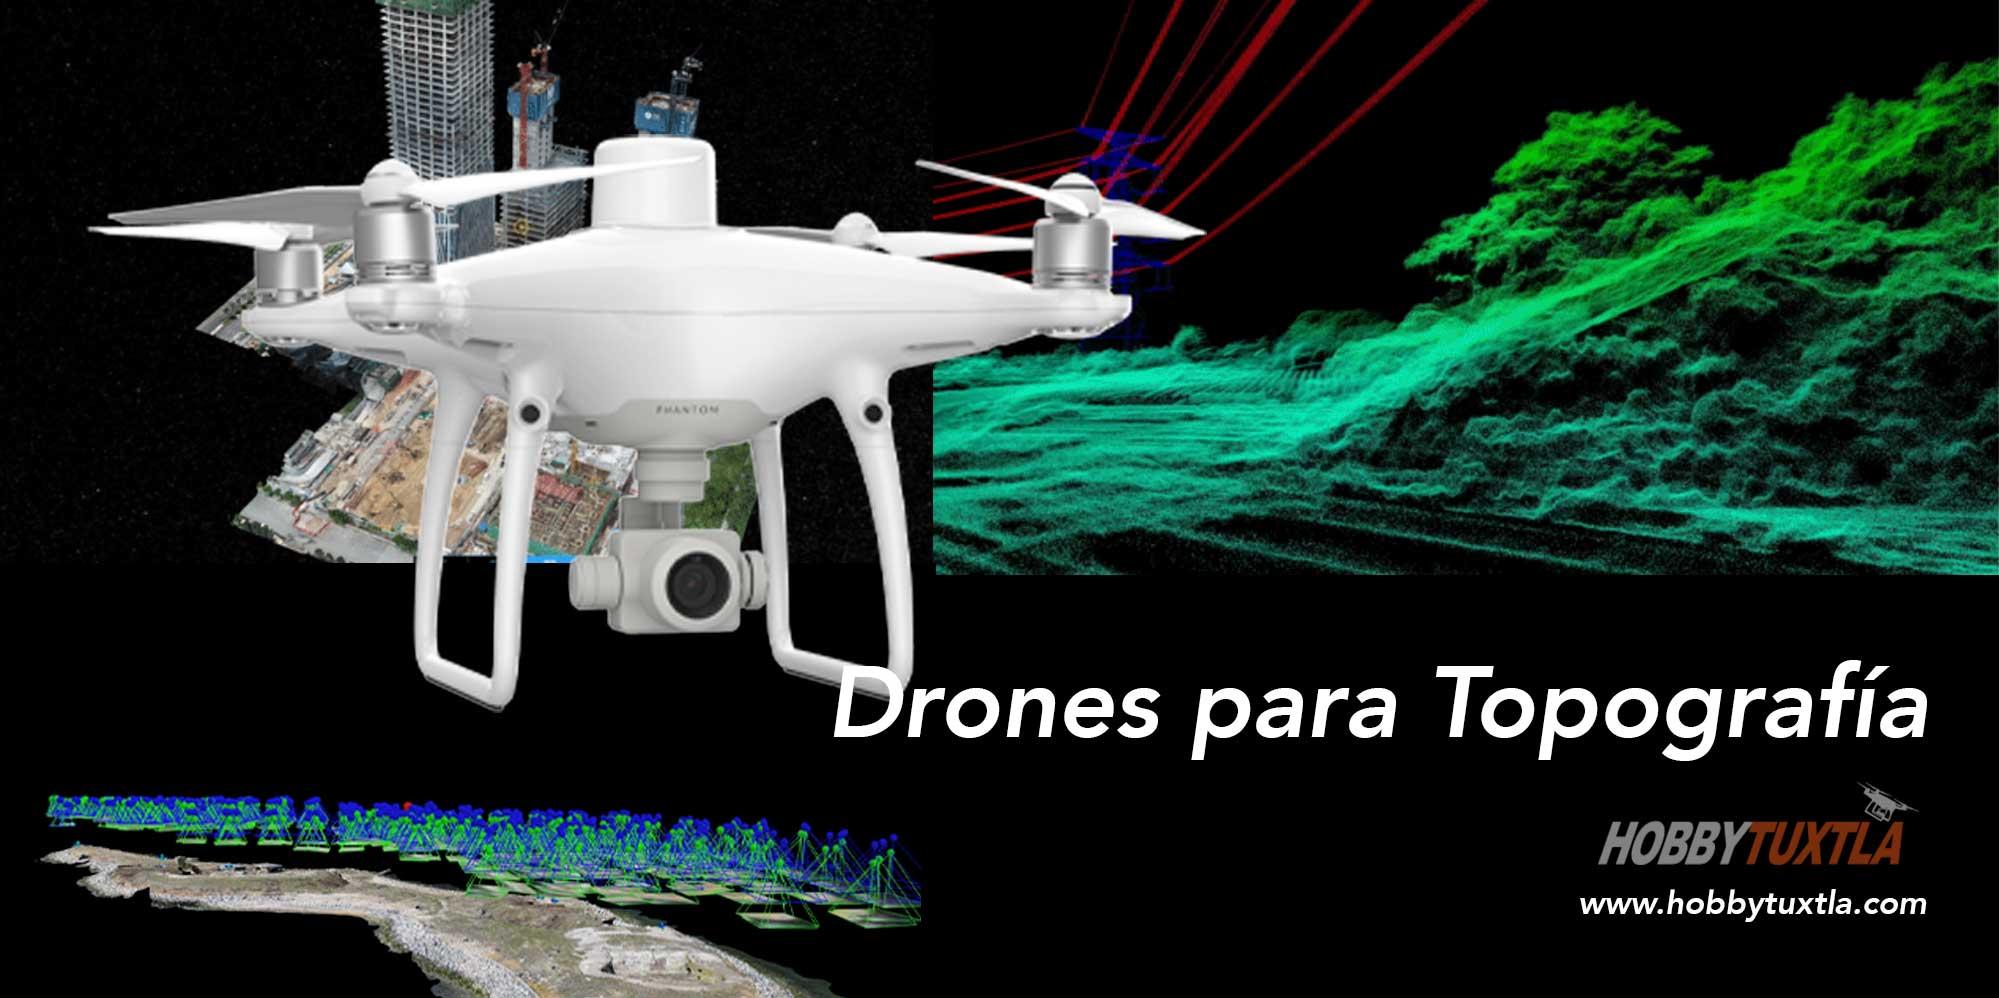 Drones para topografia - Levantamiento topografico